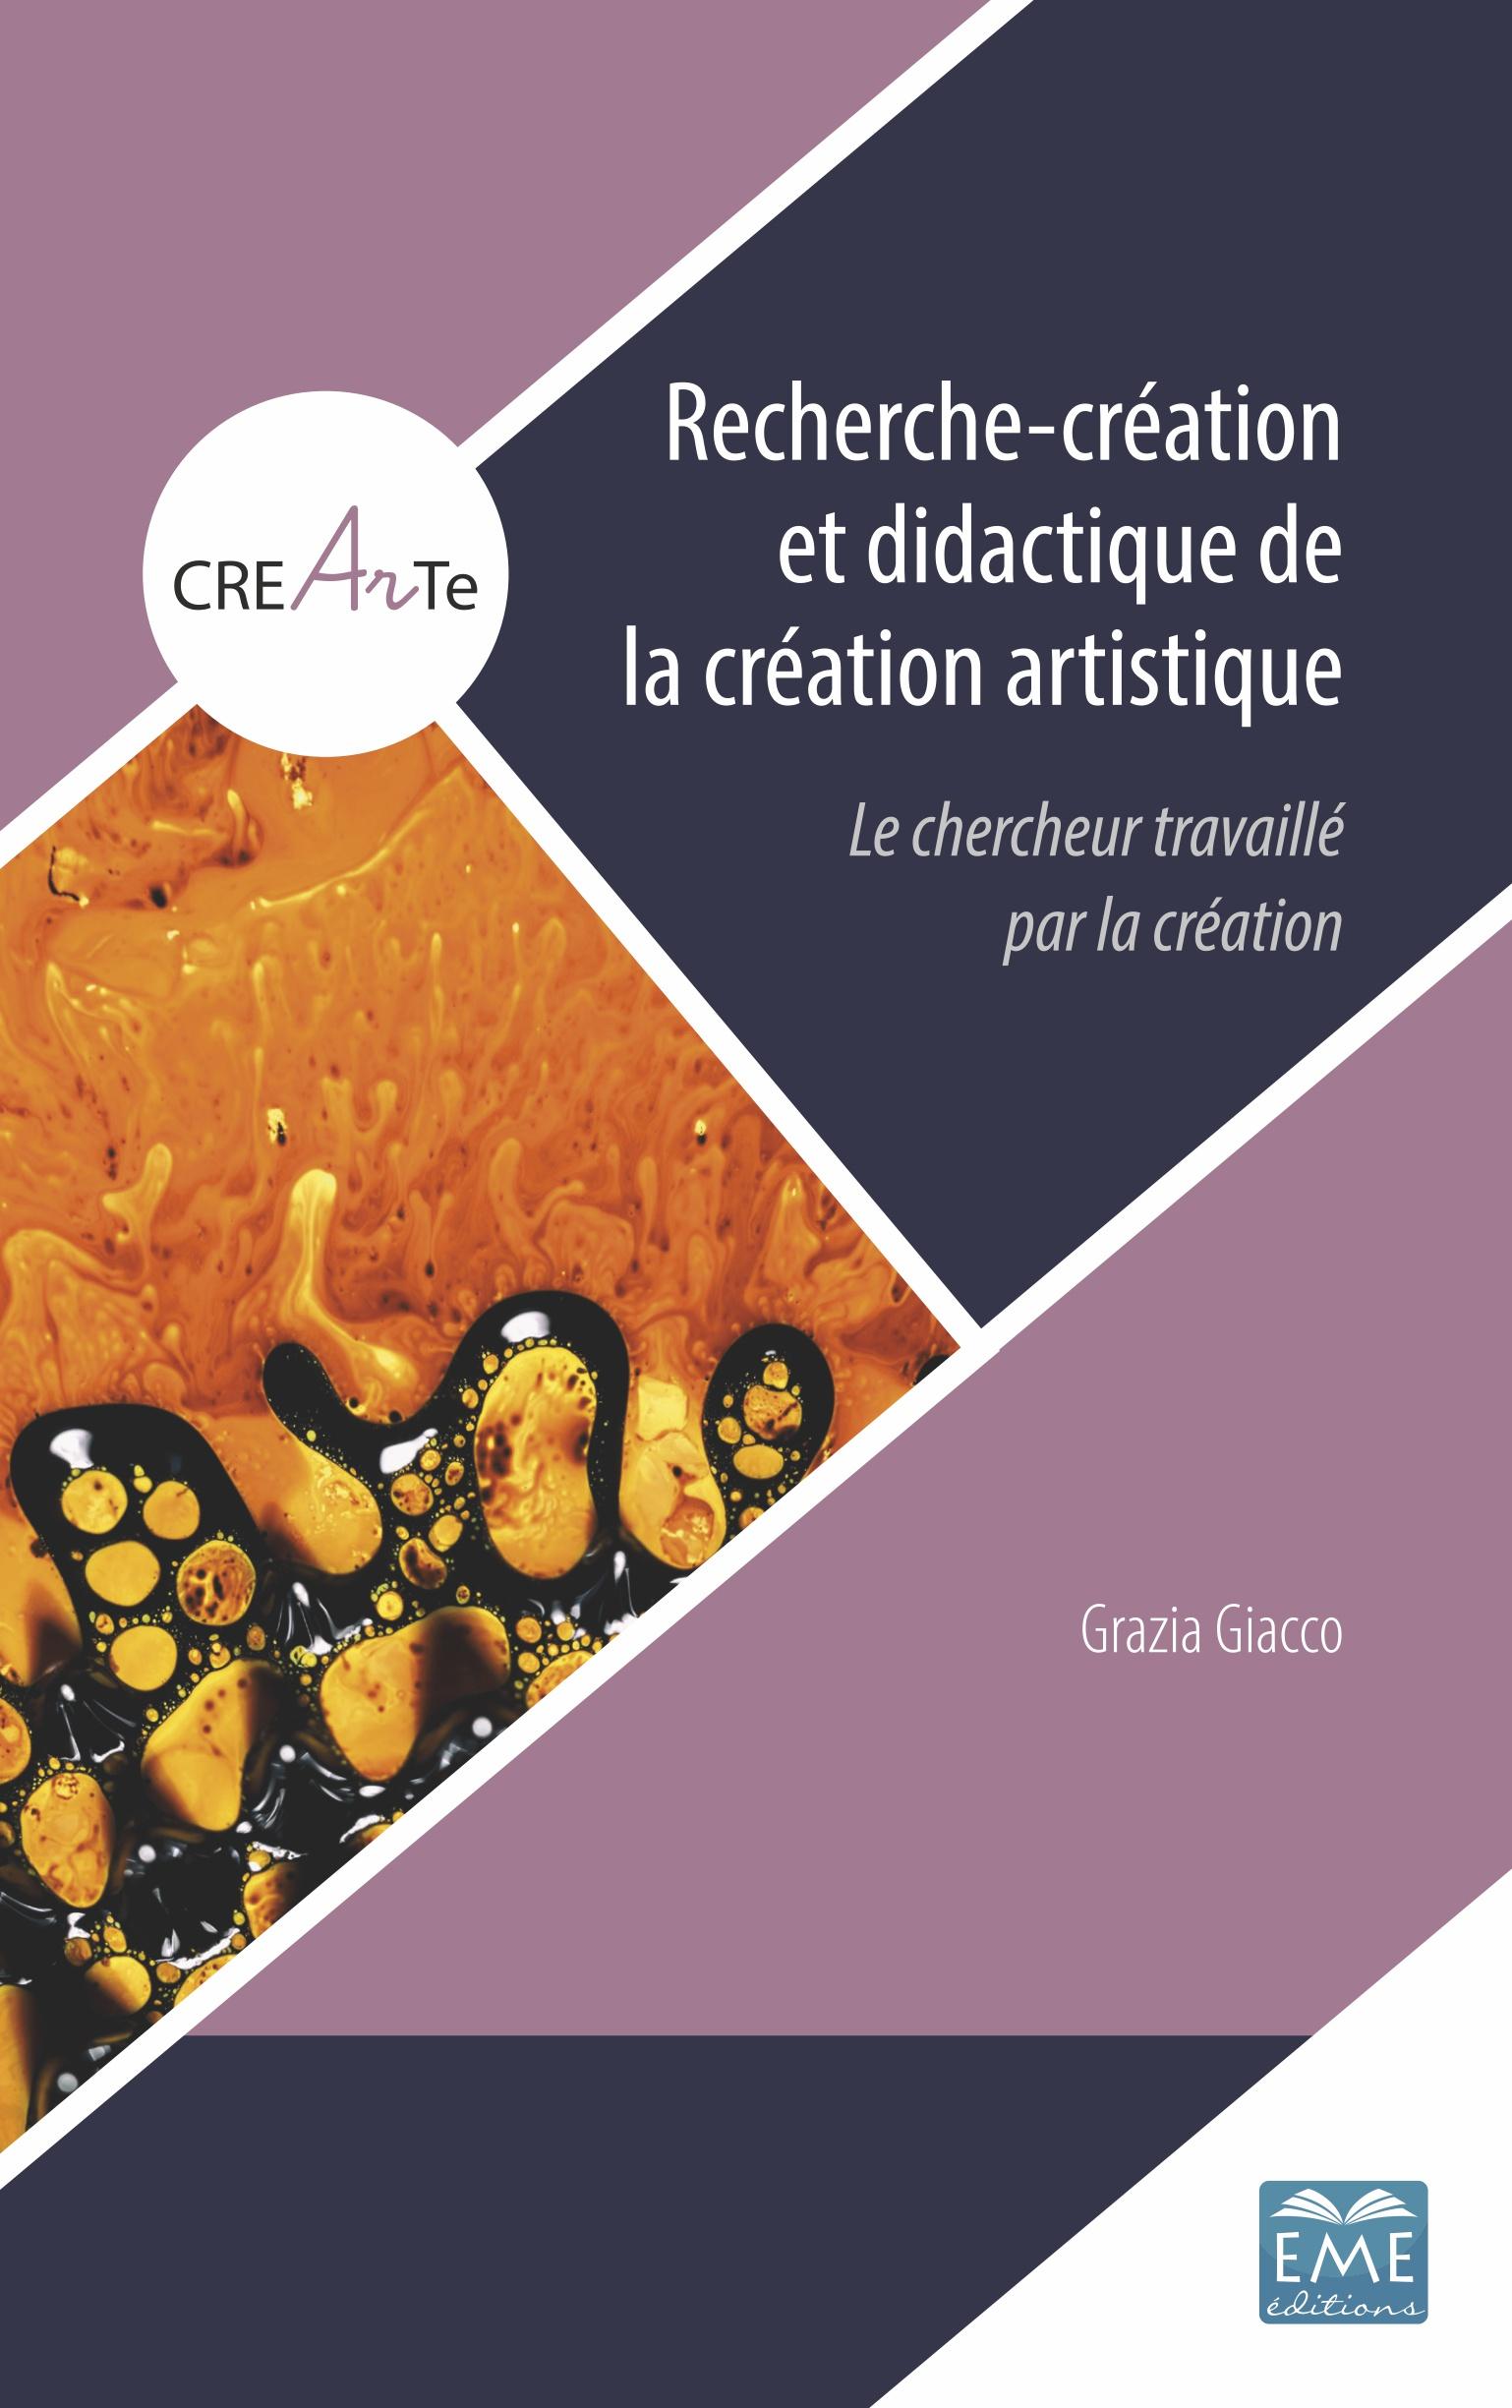 RECHERCHE-CRÉATION ET DIDACTIQUE DE LA CRÉATION ARTISTIQUE Le chercheur travaillé par la création Grazia Giacco